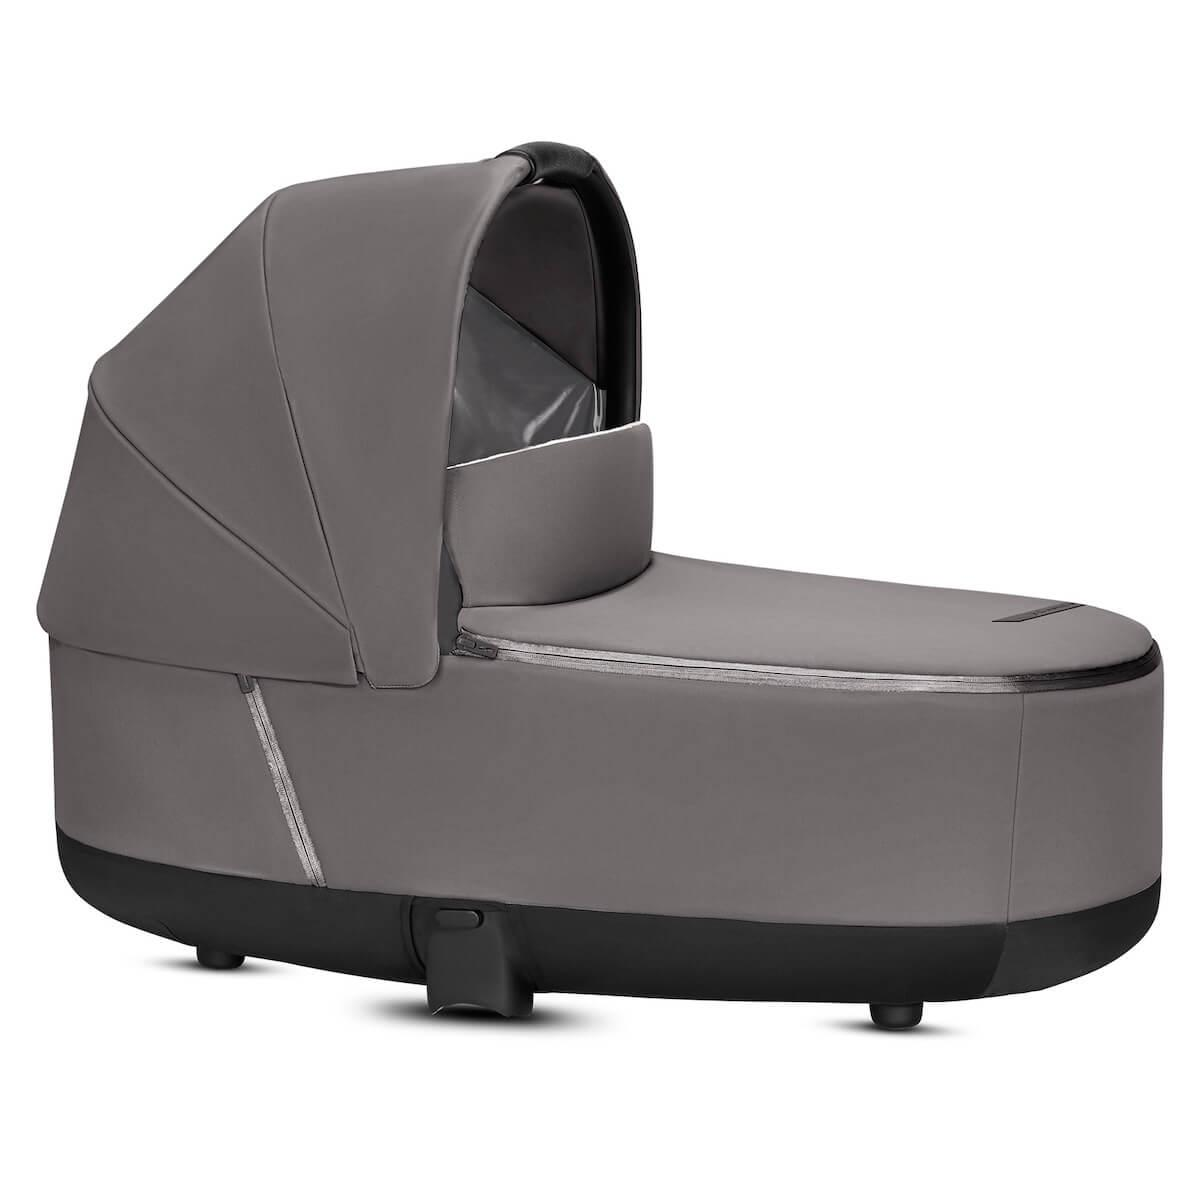 Capazo de luxe PRIAM Cybex manhattan grey-mid grey